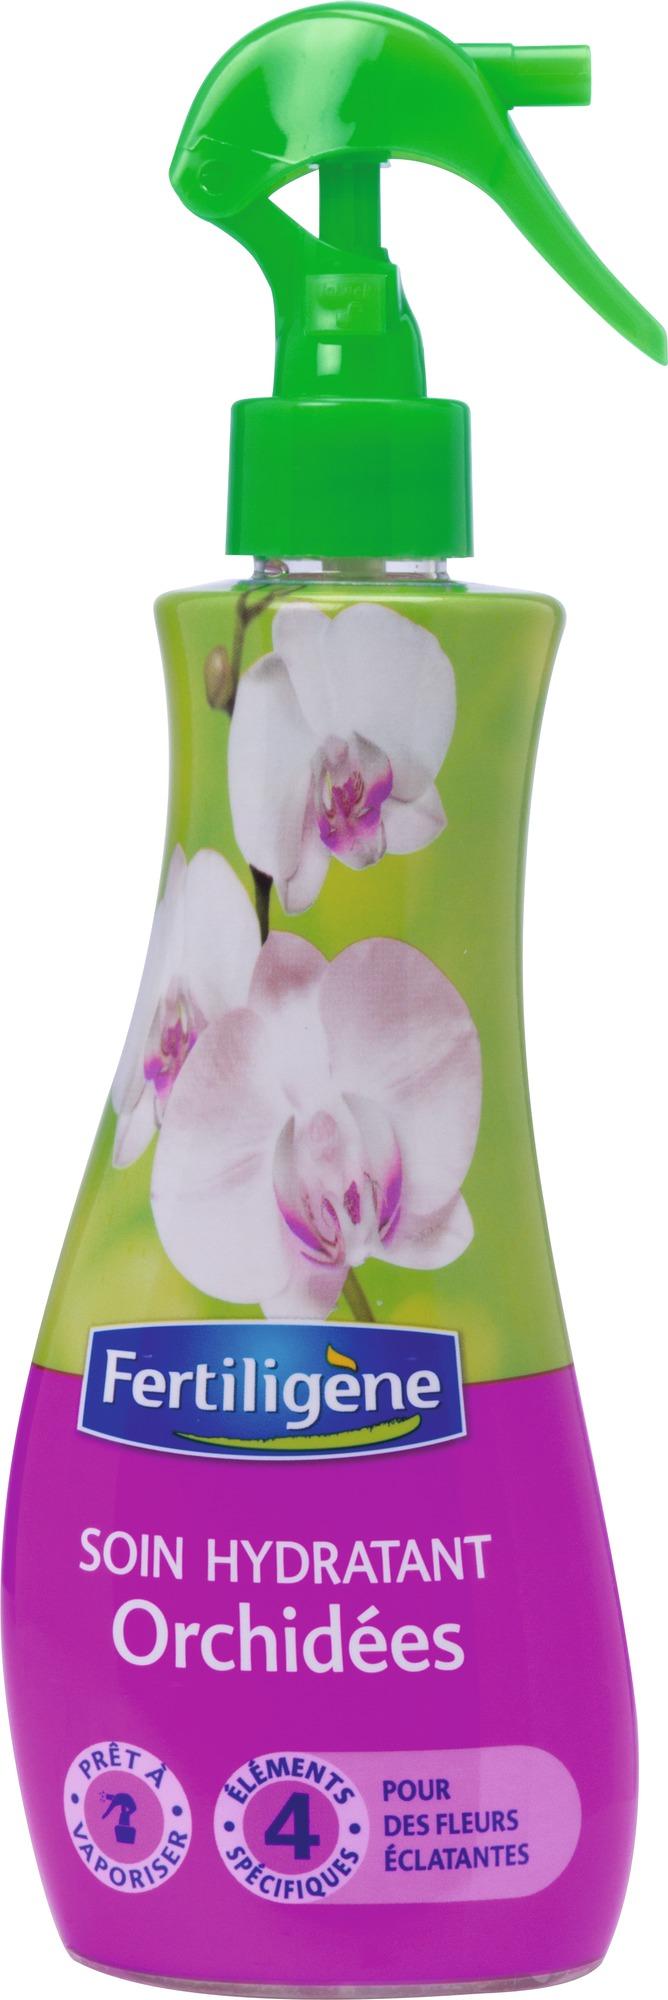 Soin hydratant engrais Orchidées Fertiligène - 230 ml